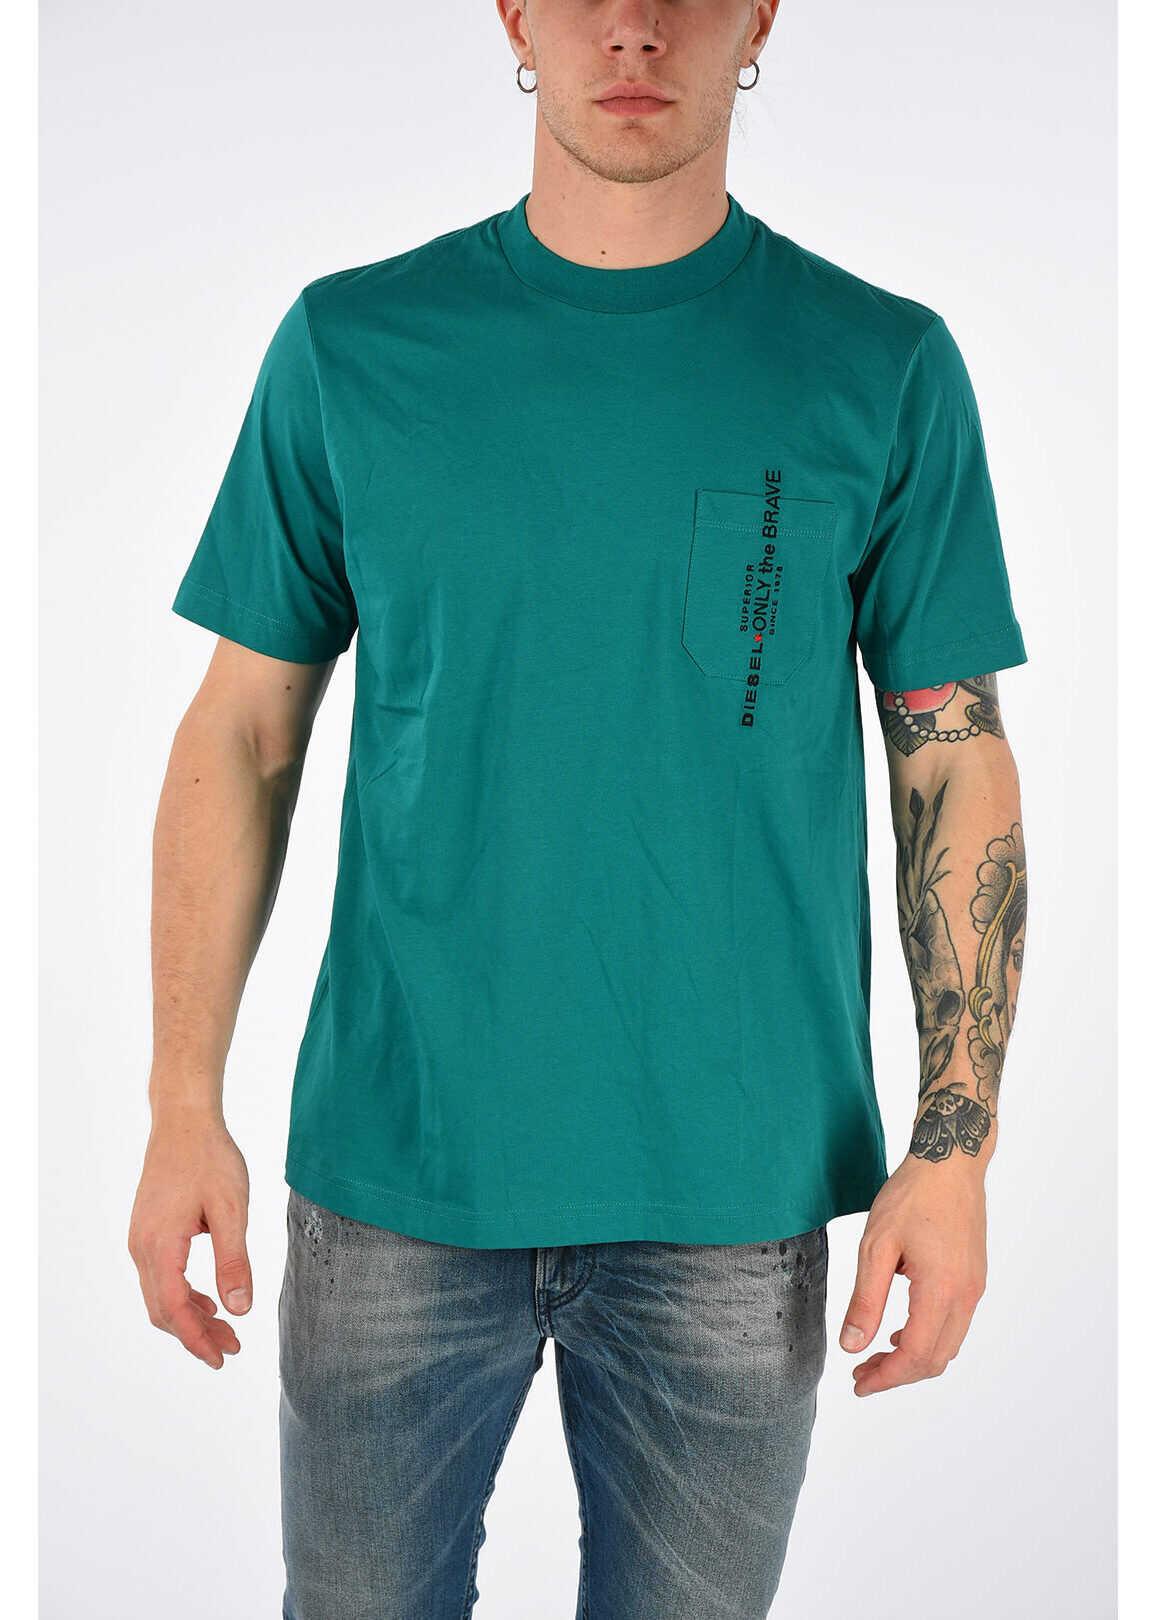 jersey JUST-POCKET T-Shirt